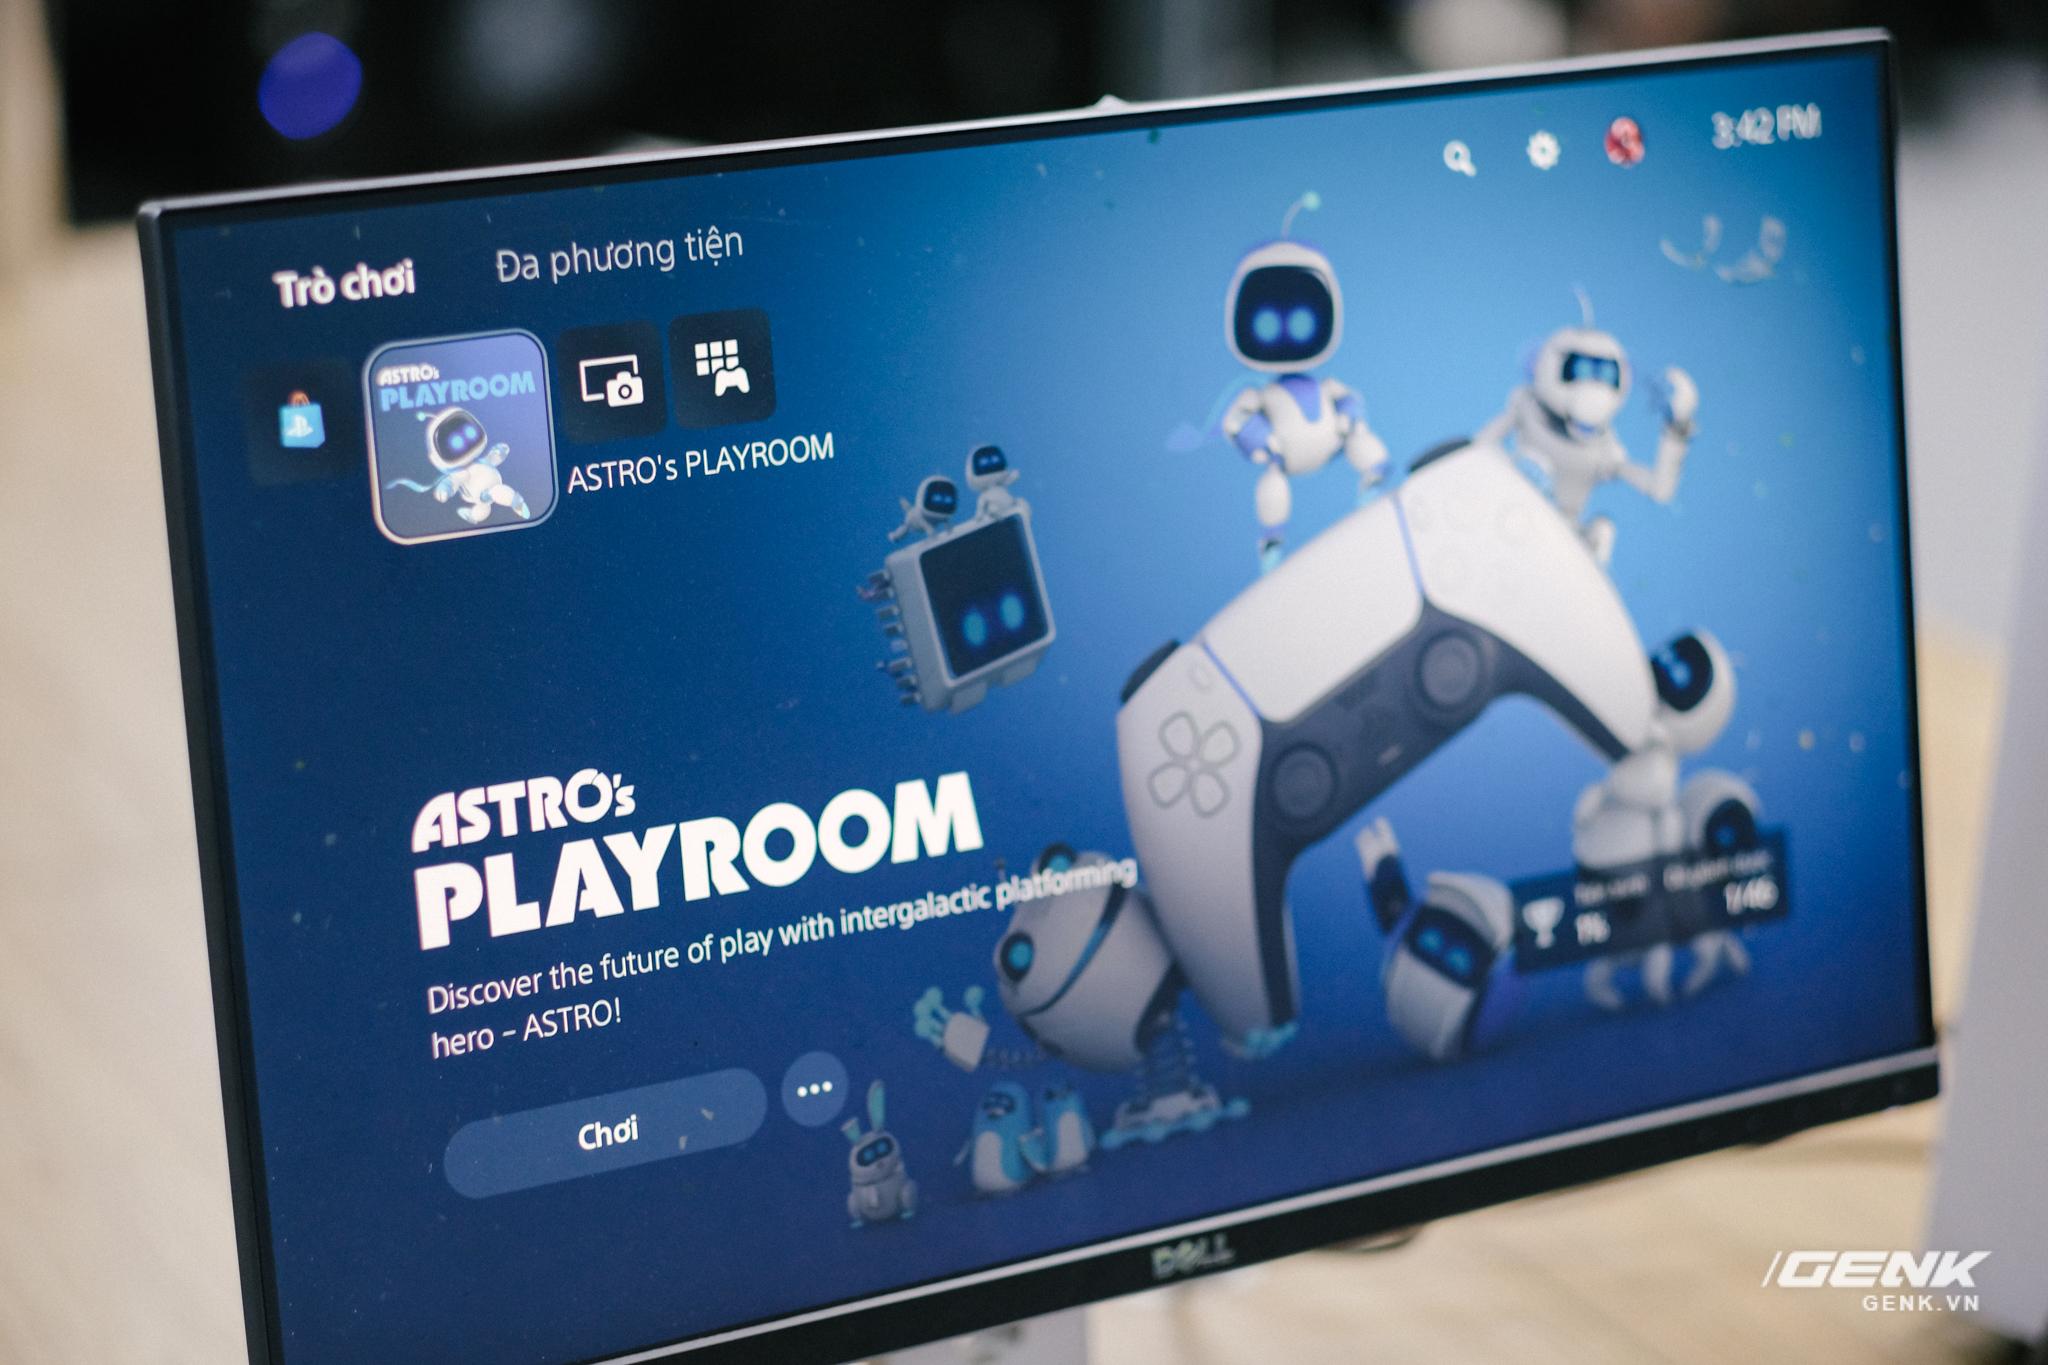 Mở hộp Playstation 5 chính hãng bán tại VN: Cấu hình mạnh, tay cầm xịn, mỗi tội phải mua bia kèm lạc - Ảnh 12.